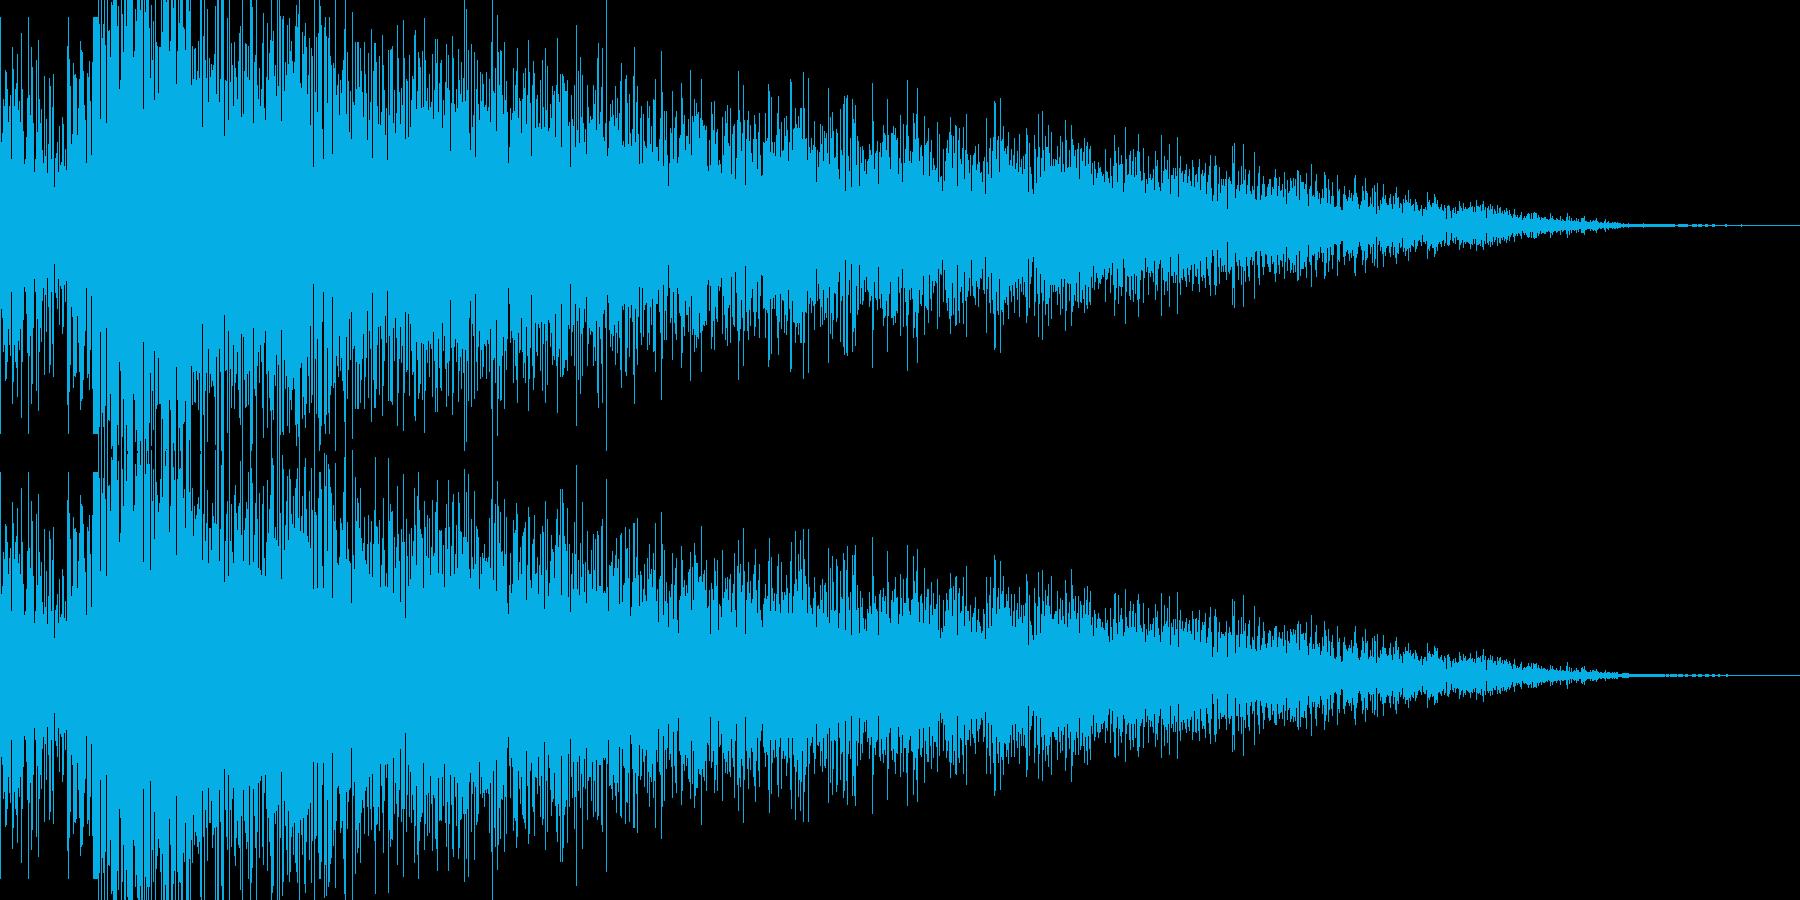 ビームライフル発射音 タイプ5の再生済みの波形